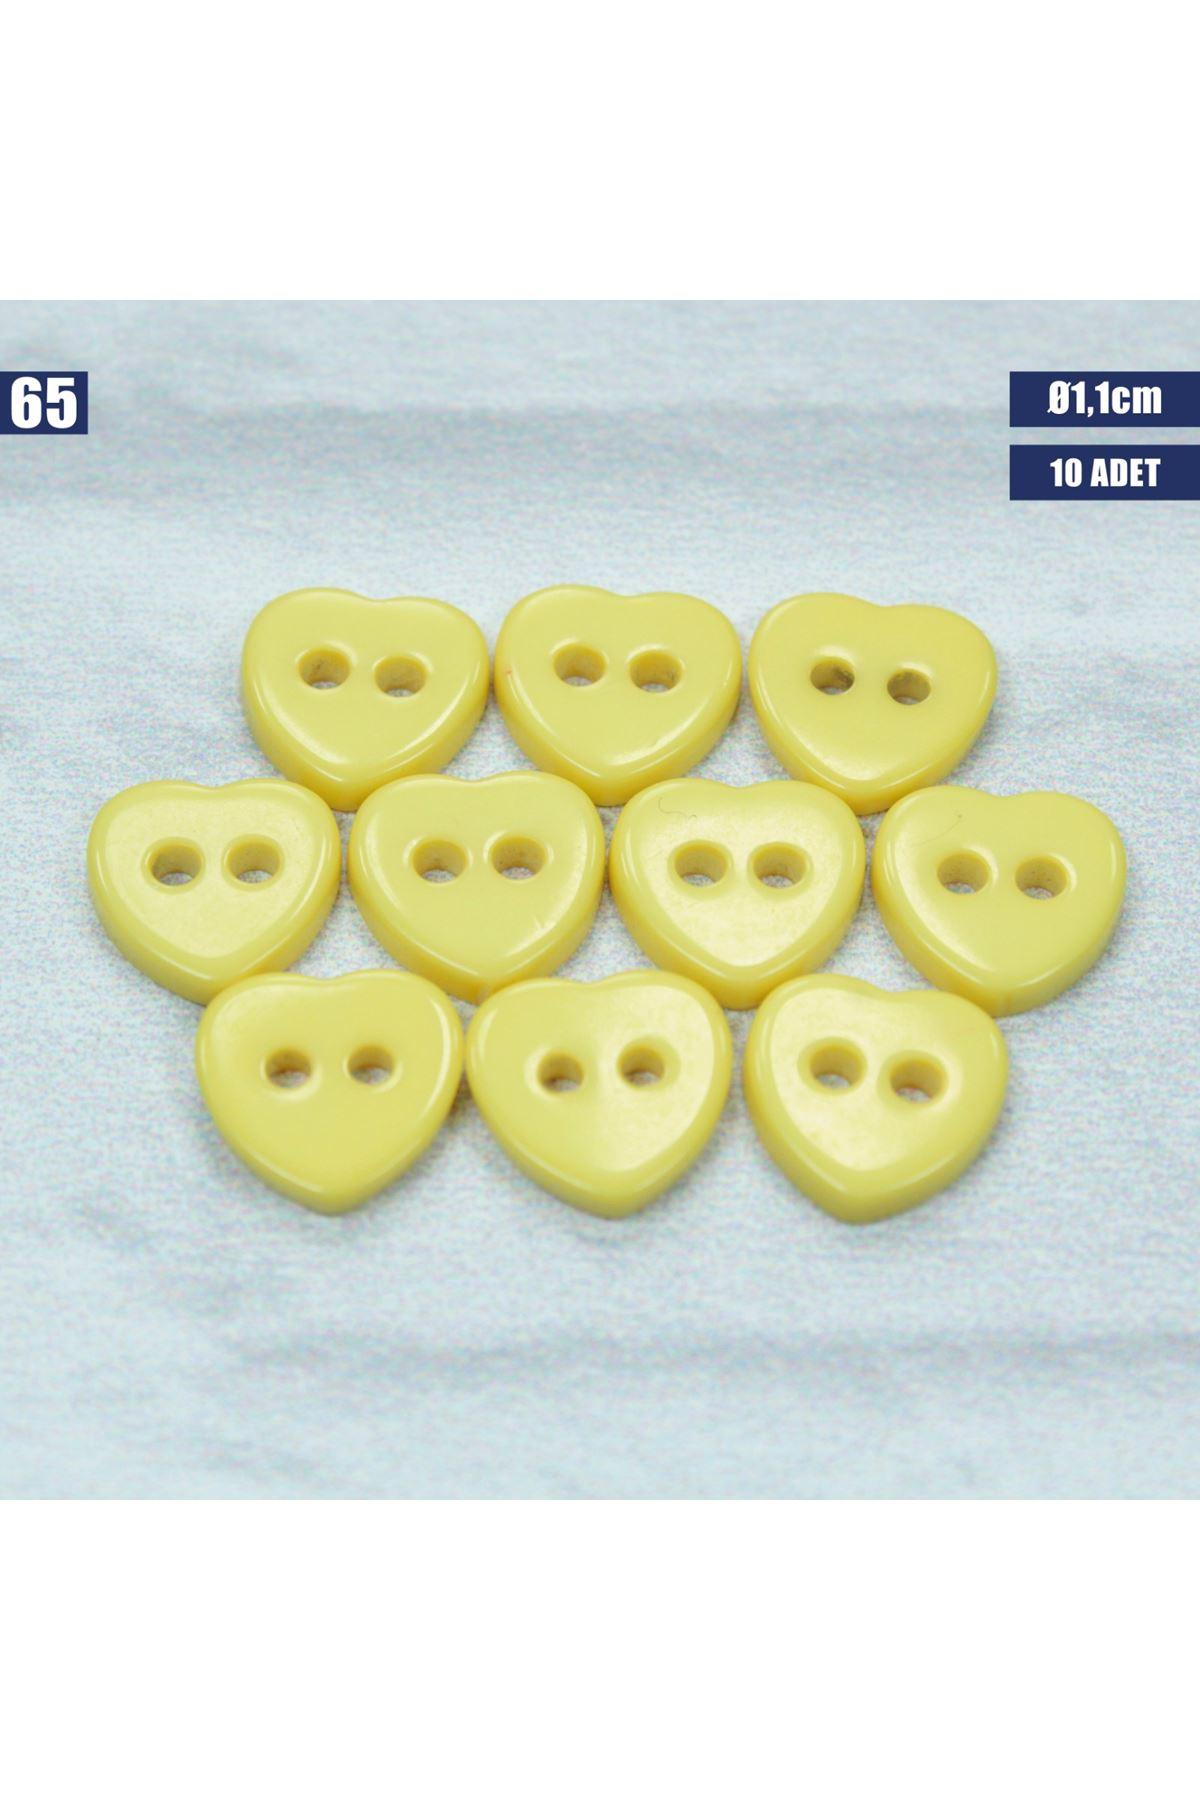 Amigurumi Düğmesi Ø 1,1cm - 65